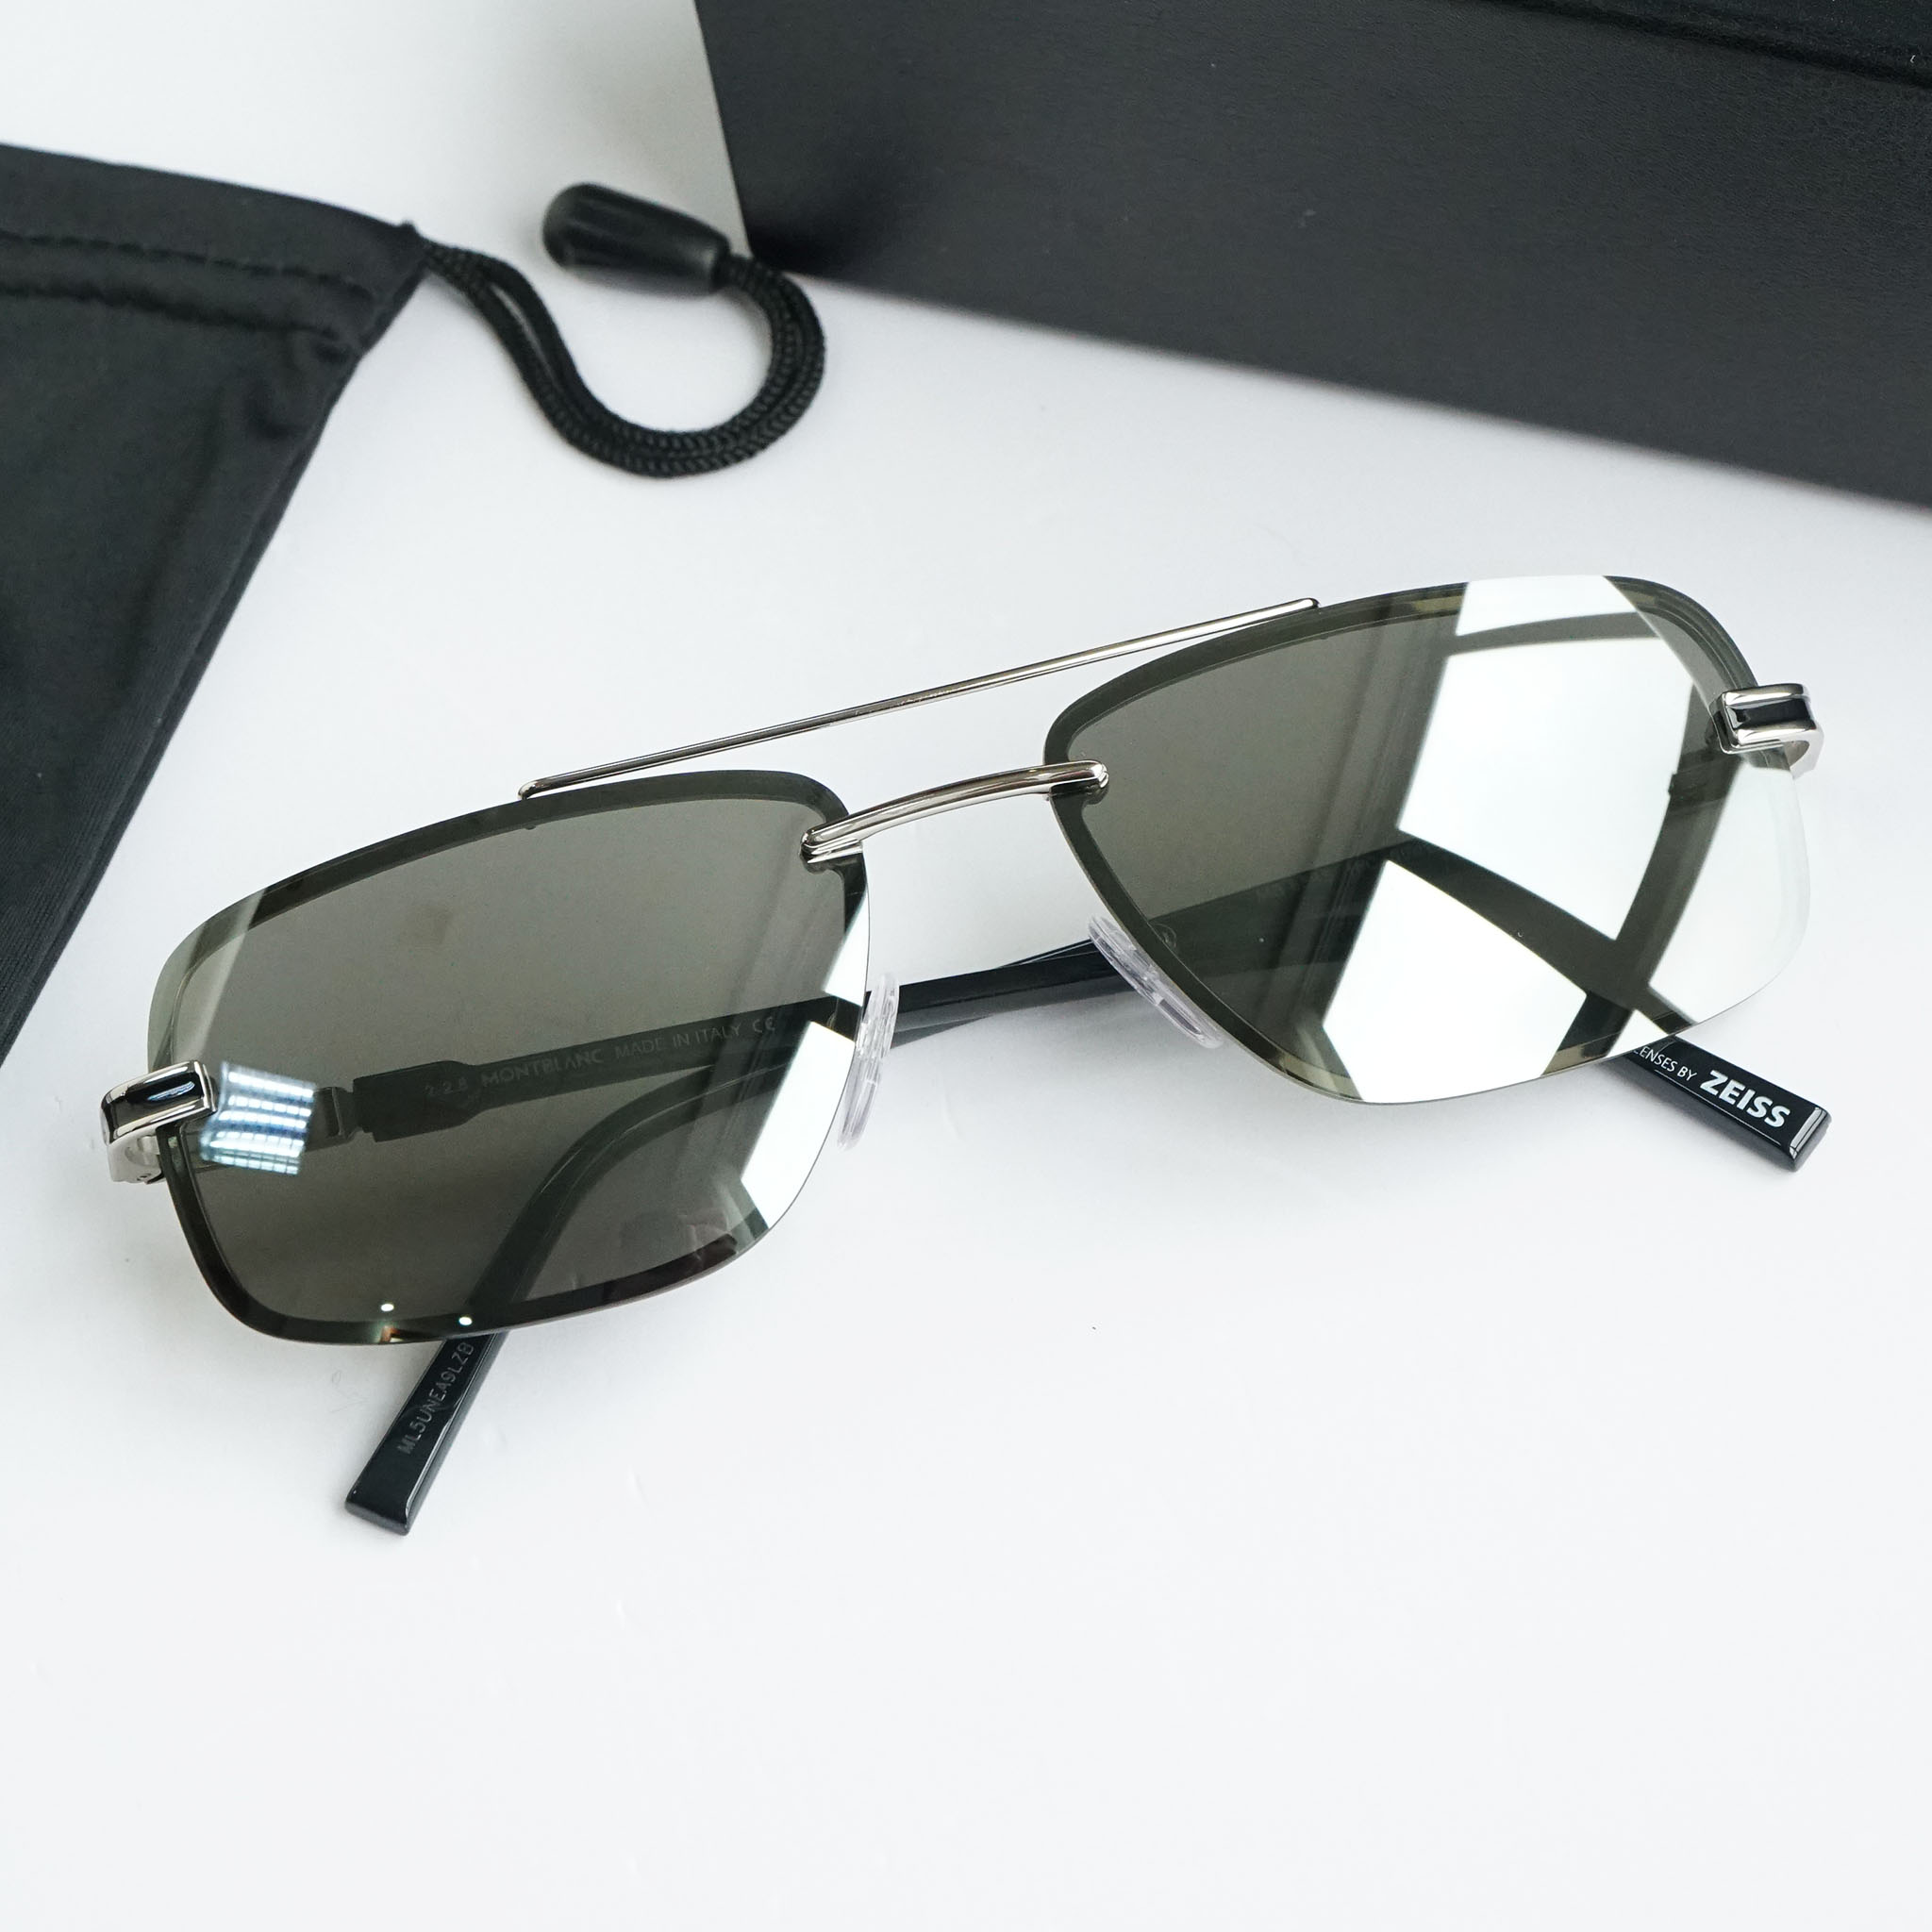 Kính râm Montblanc Rimless Sunglasses MB658S 16C Palladium/Black 59mm chính hãng